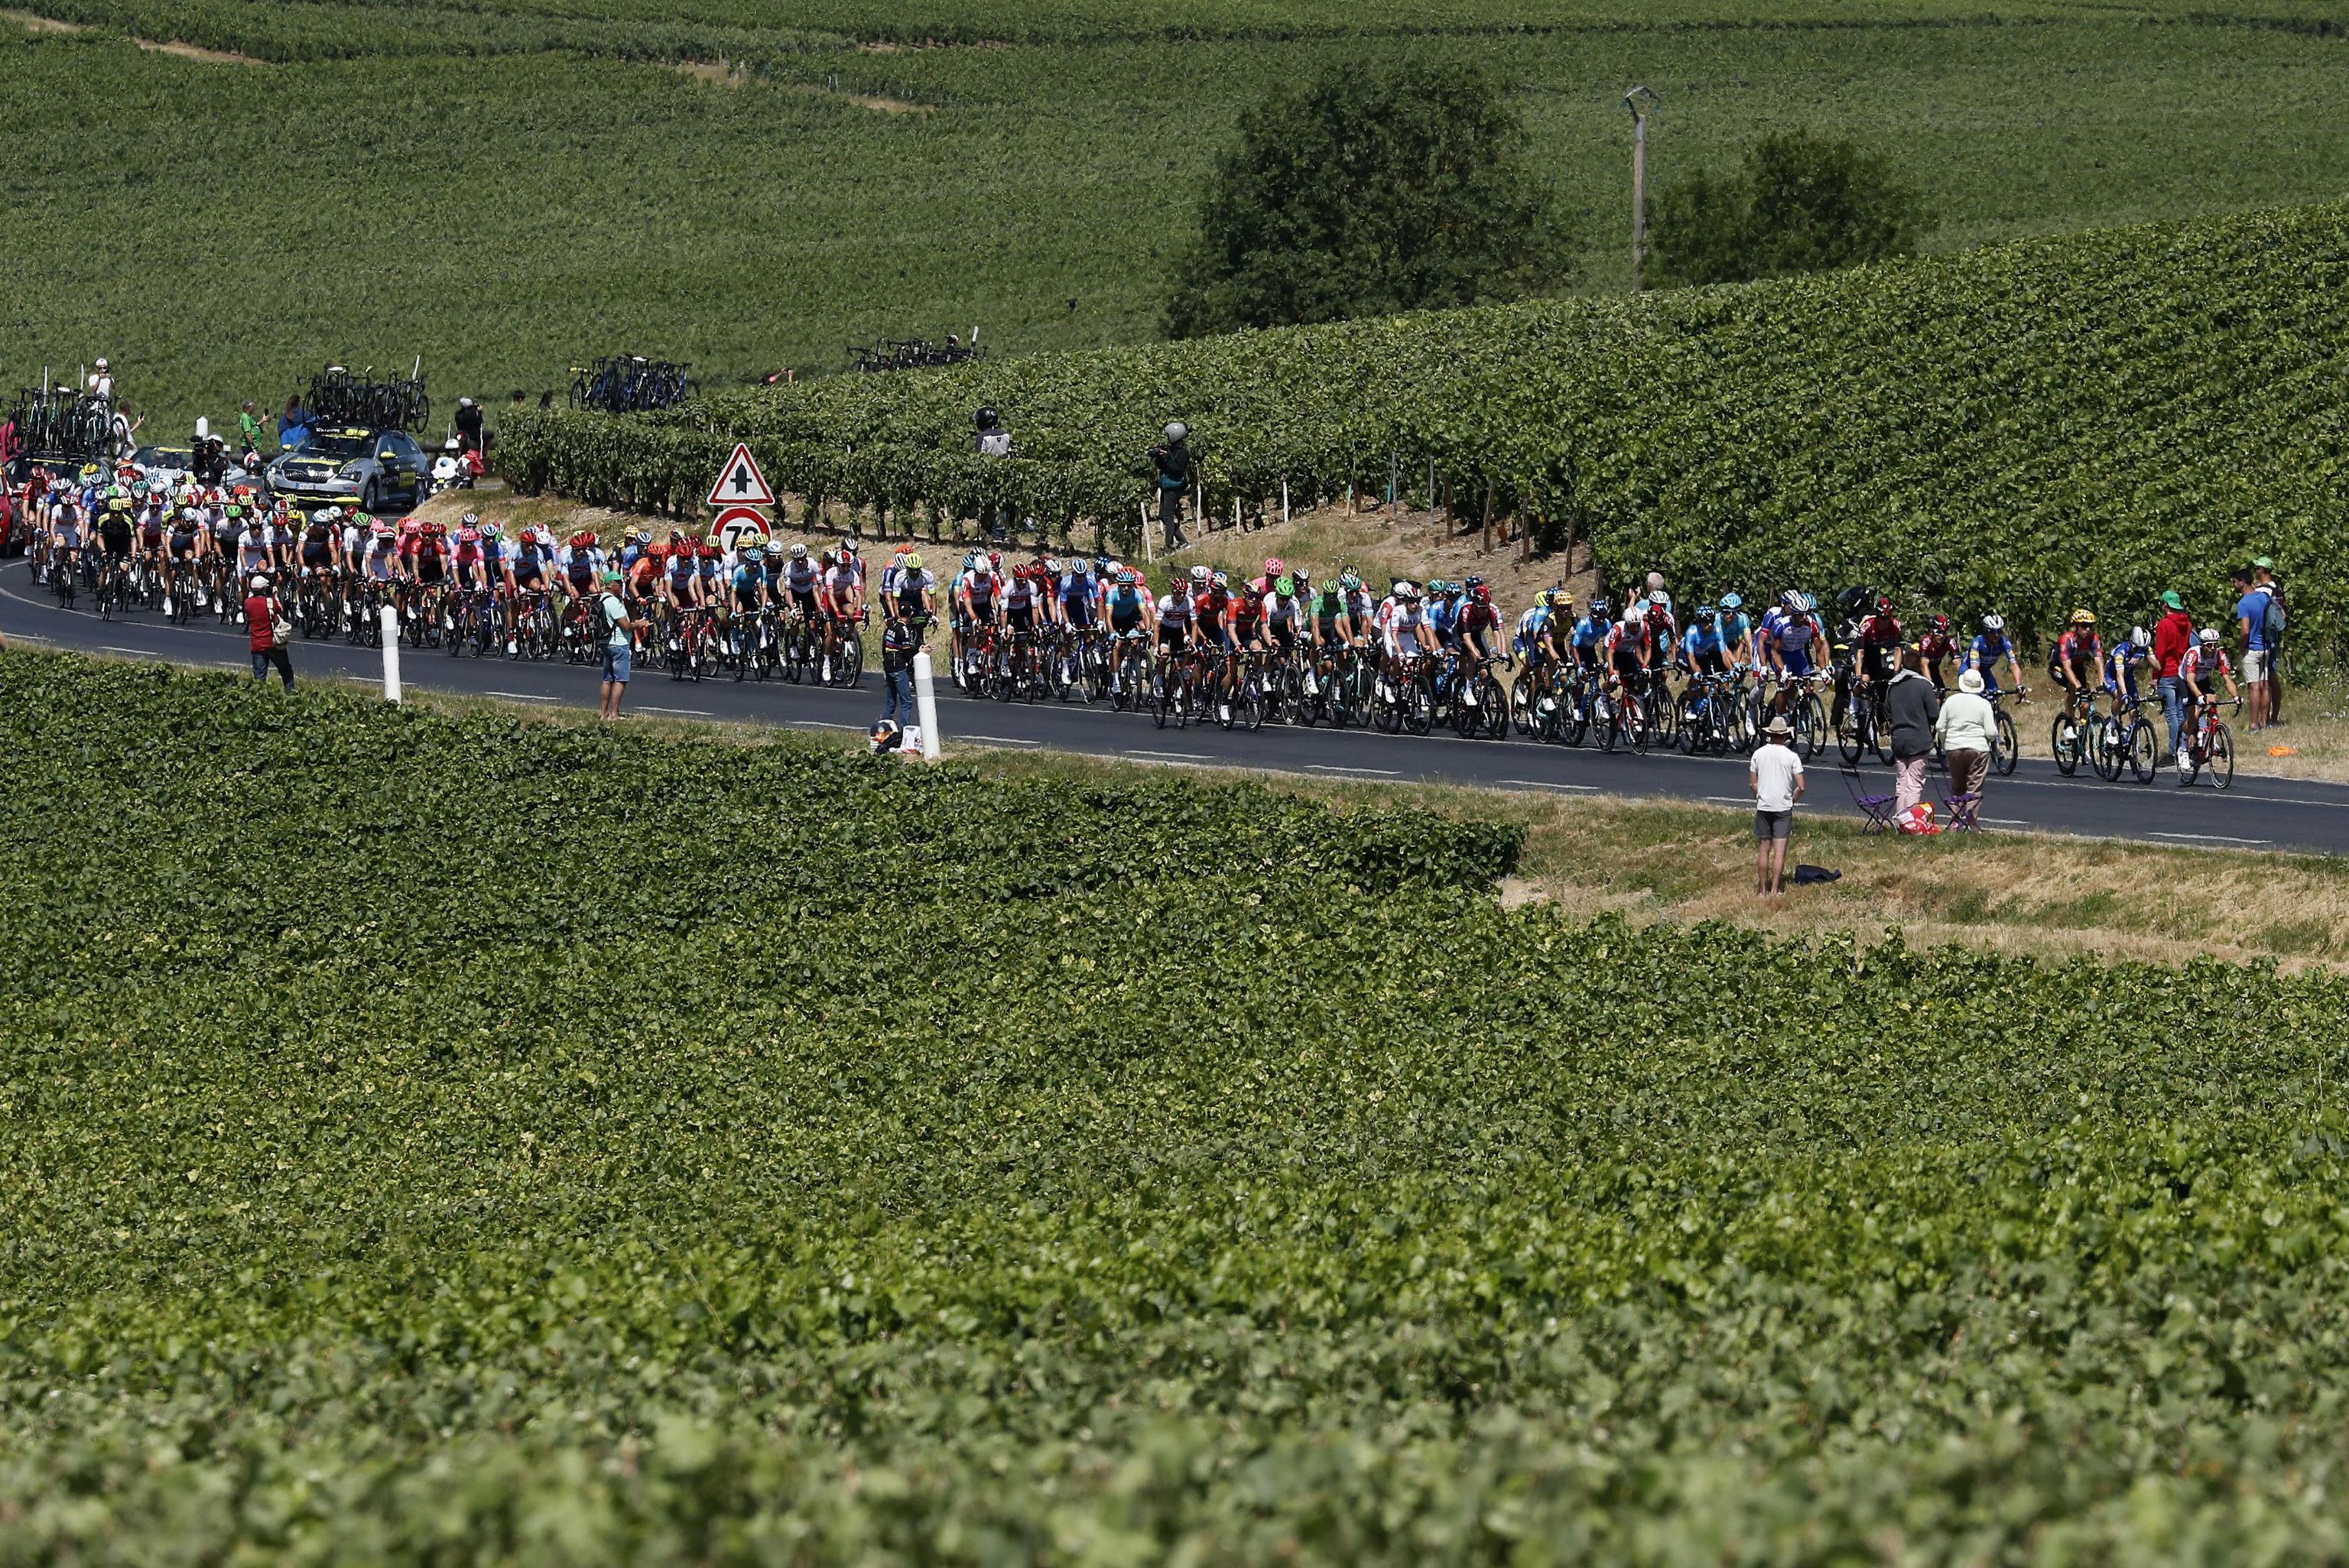 Il ciclista veronese ottiene la sua prima vittoria in carriera nella corsa francese, Alaphilippe resta maglia gialla